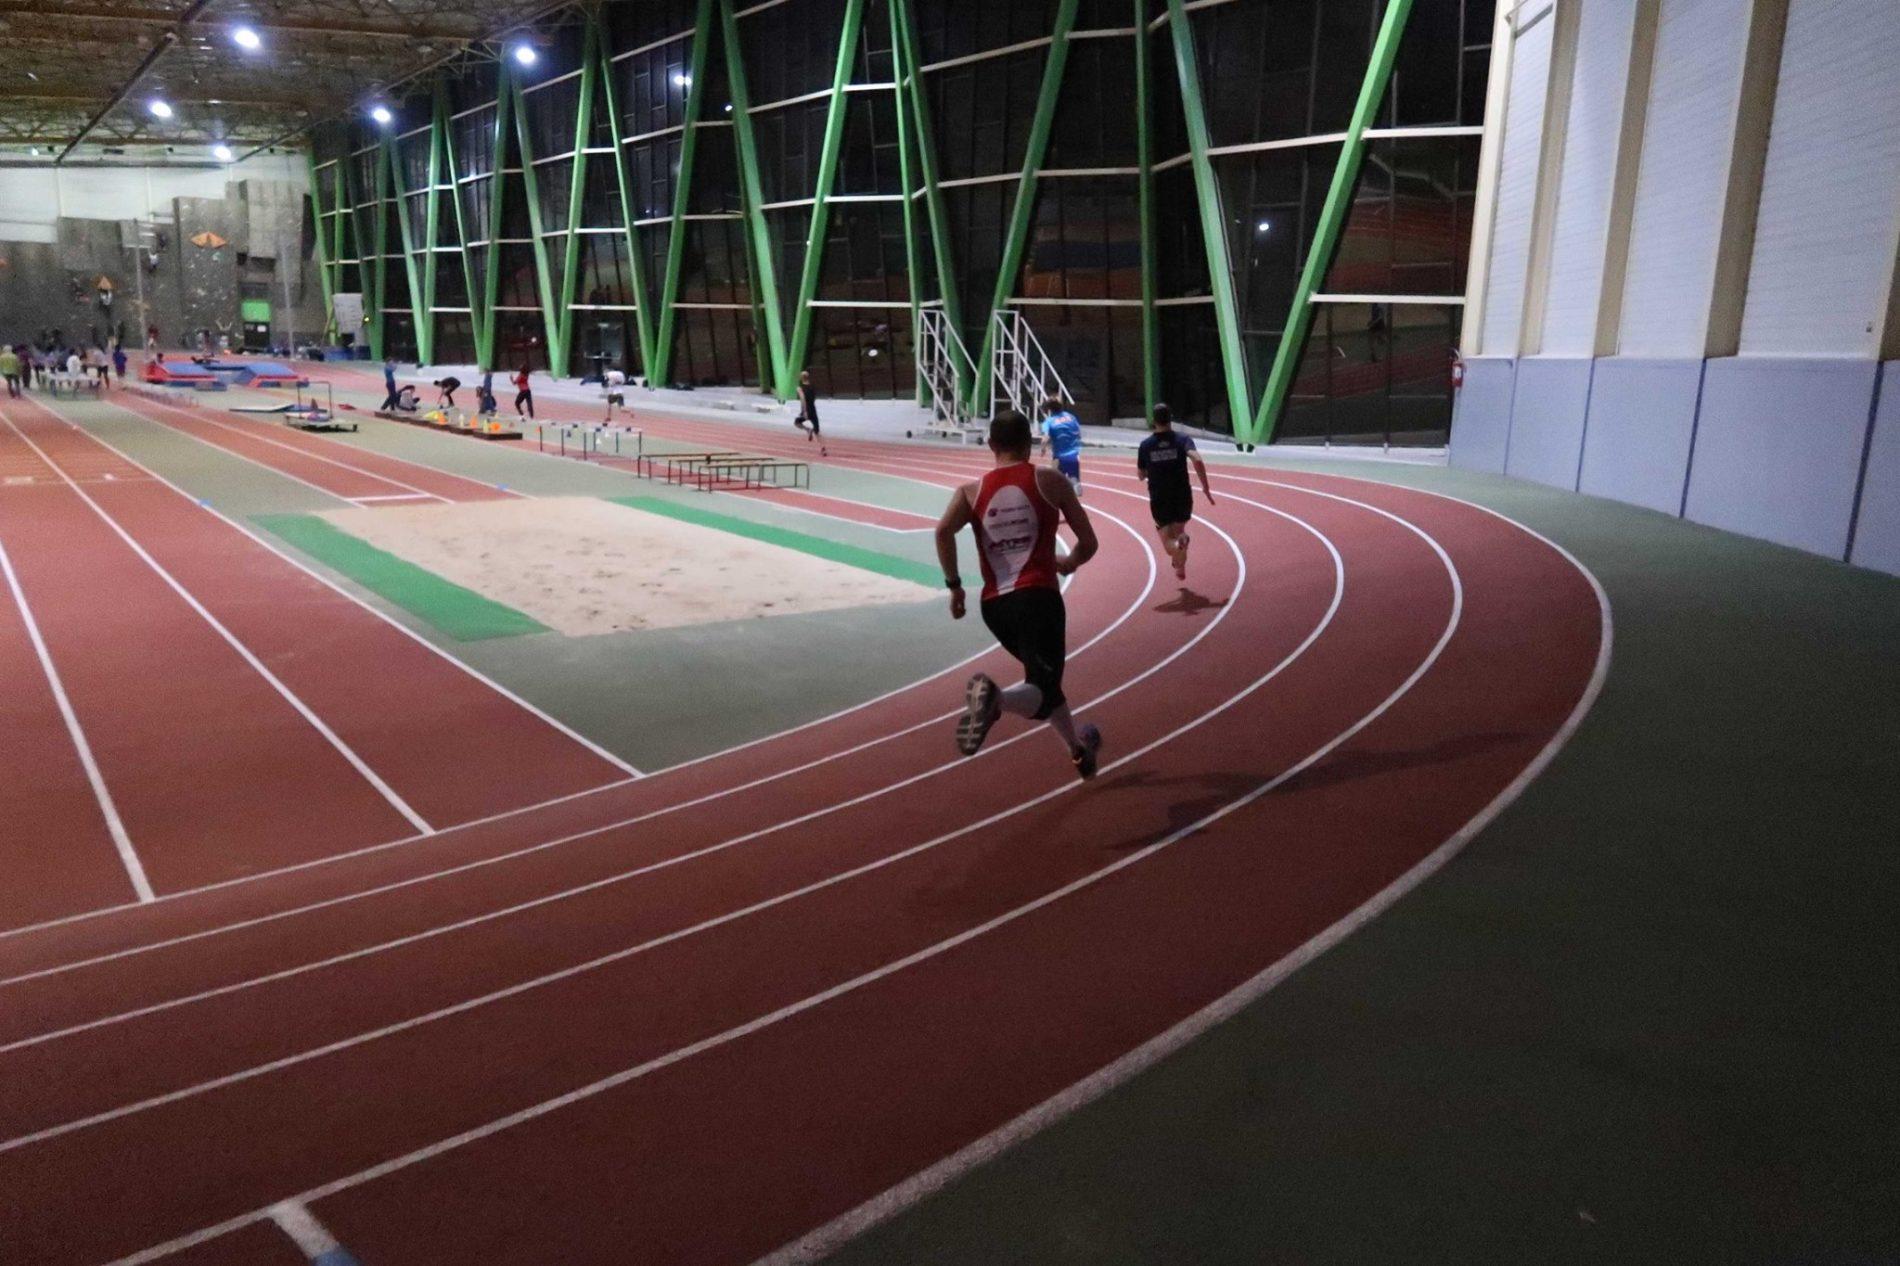 La piste Indoor de Marie-Curie à Nogent sur OIse